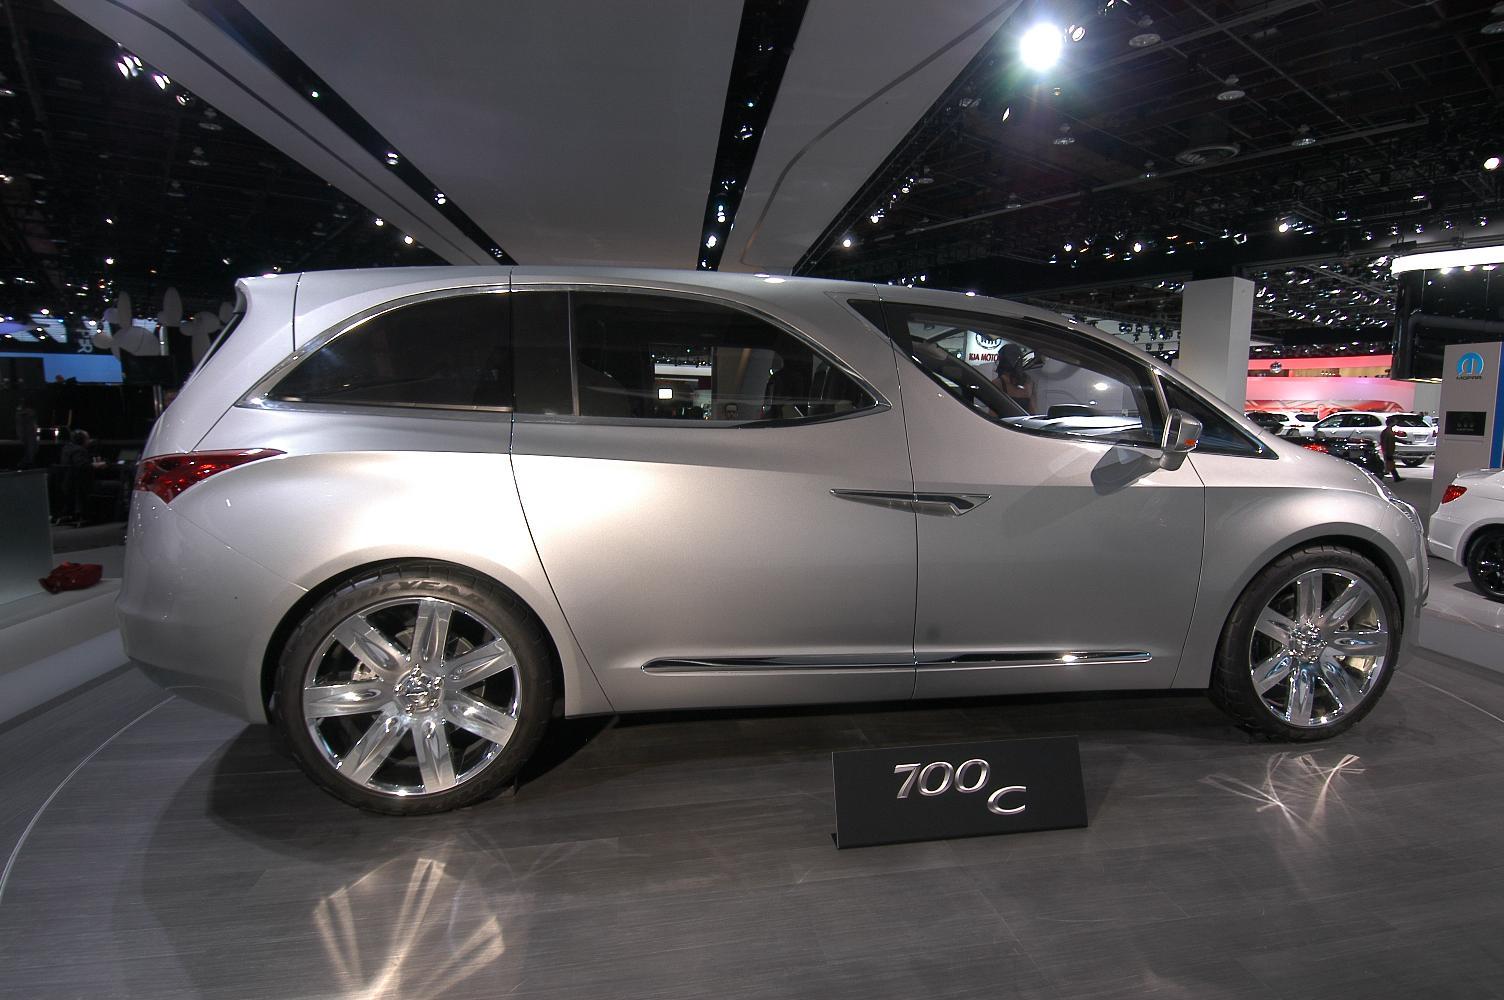 Chrysler 700C NAIAS 2012 2